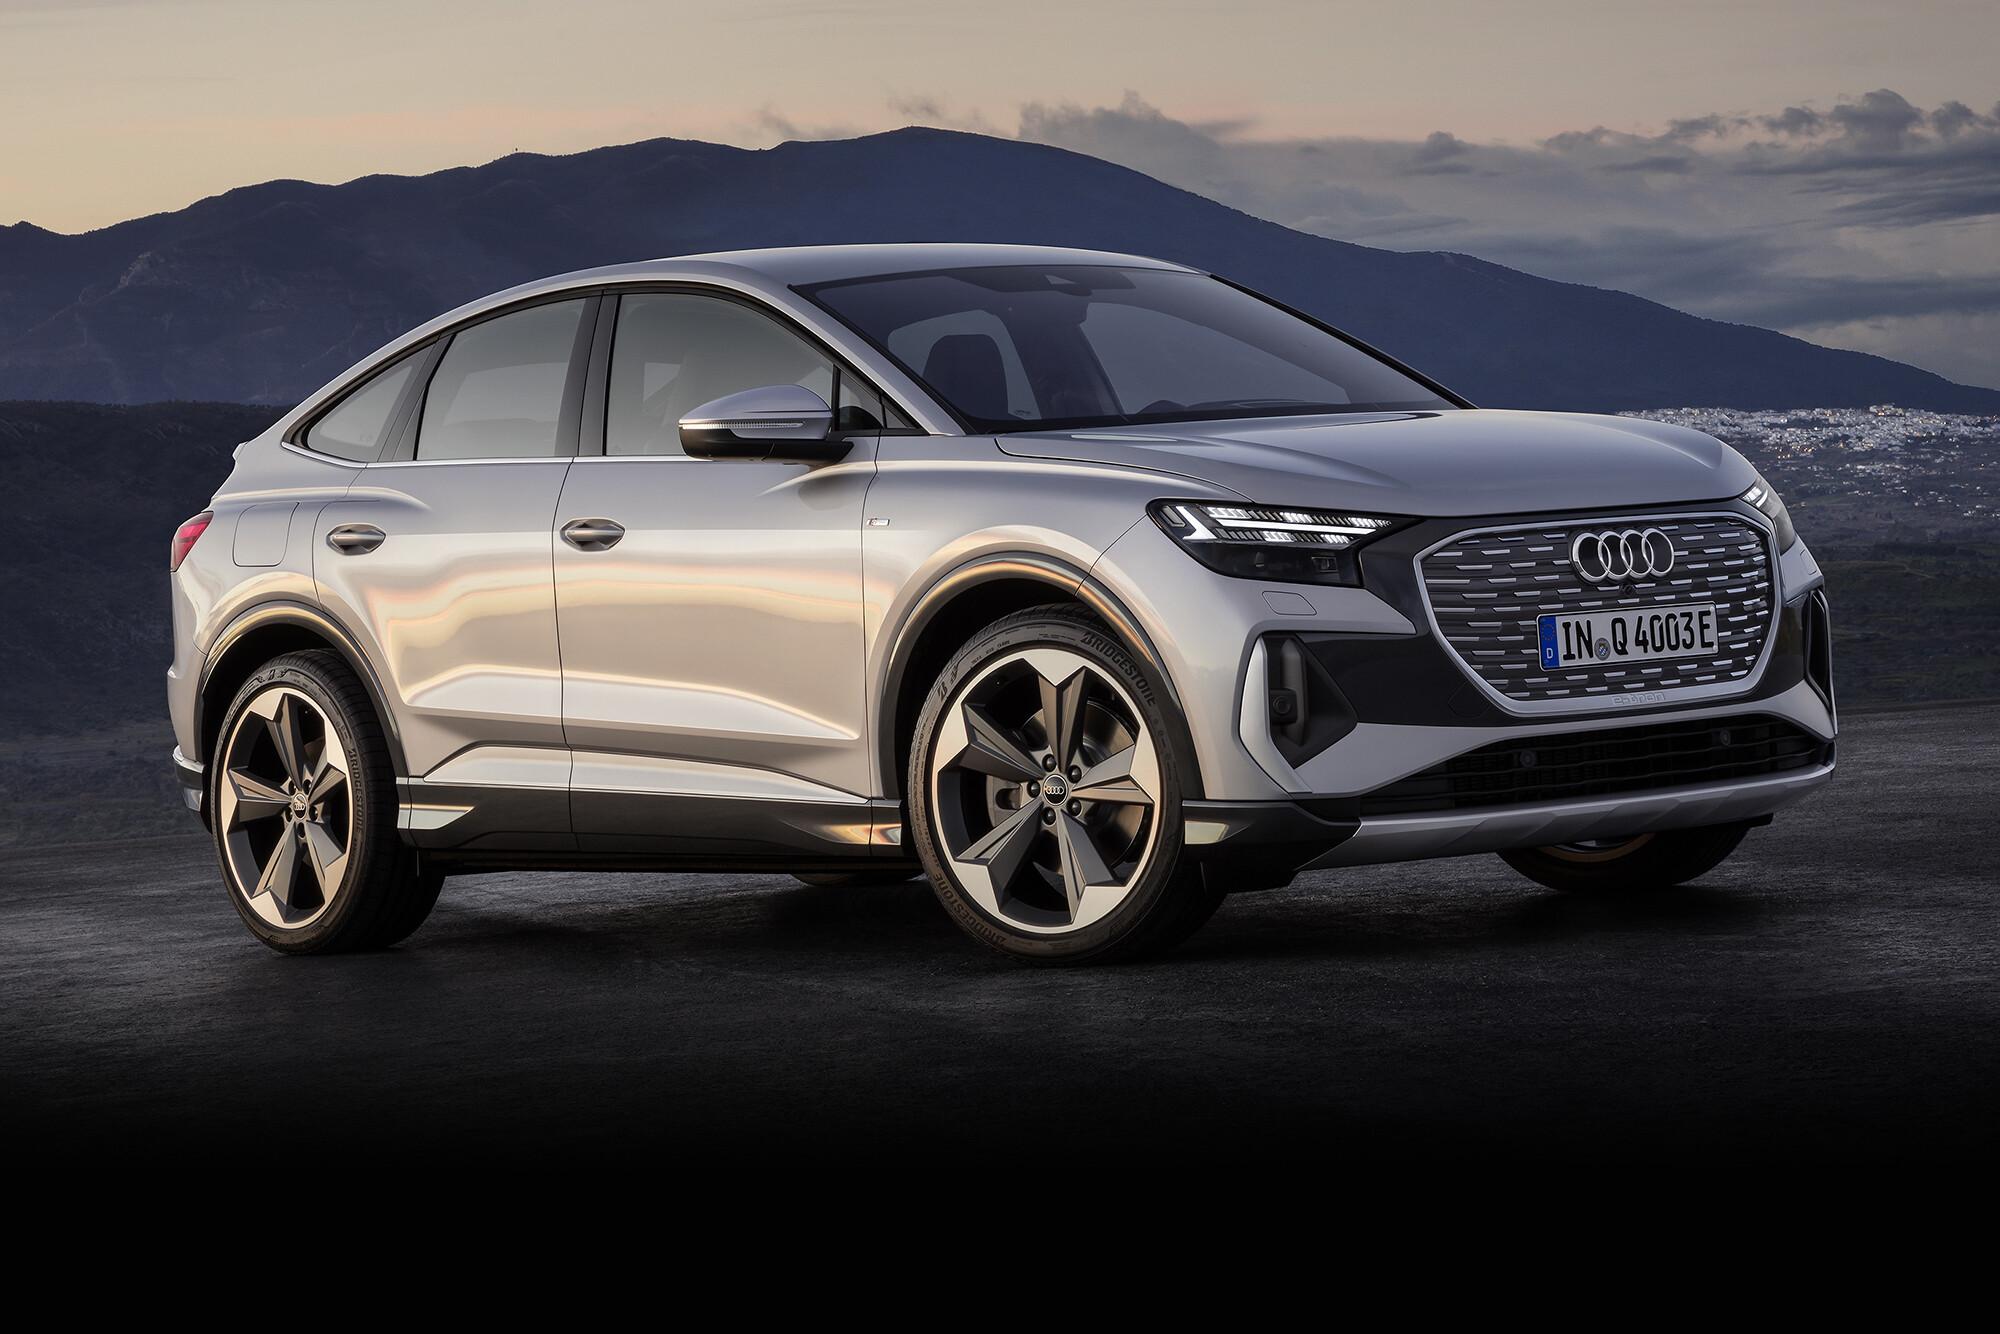 2022 Audi Q 4 E Tron Sportback 9 Jpg